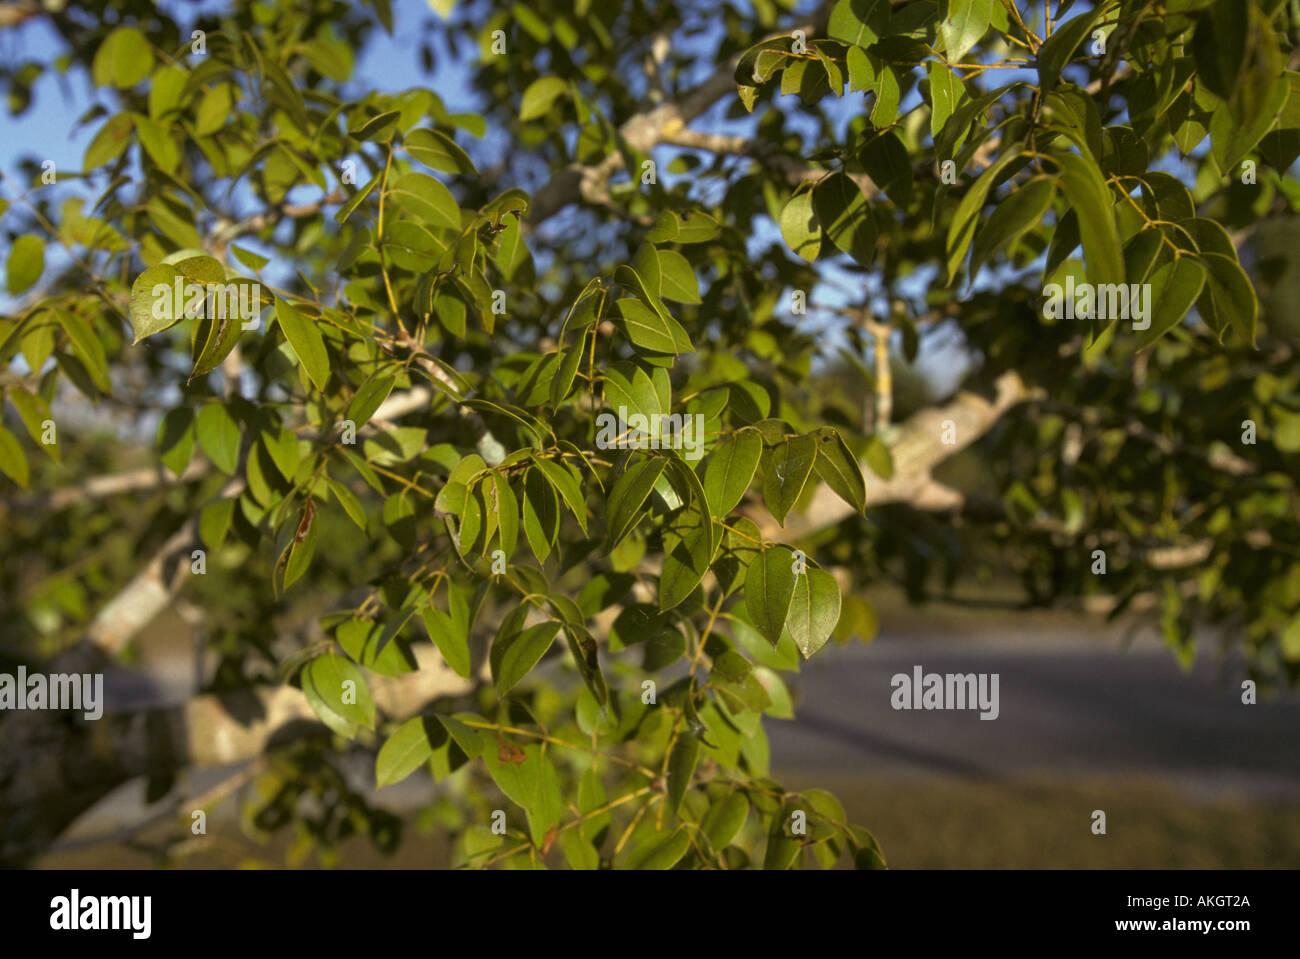 Zebrano baum blatt  Mahogany Tree Stockfotos & Mahogany Tree Bilder - Seite 3 - Alamy